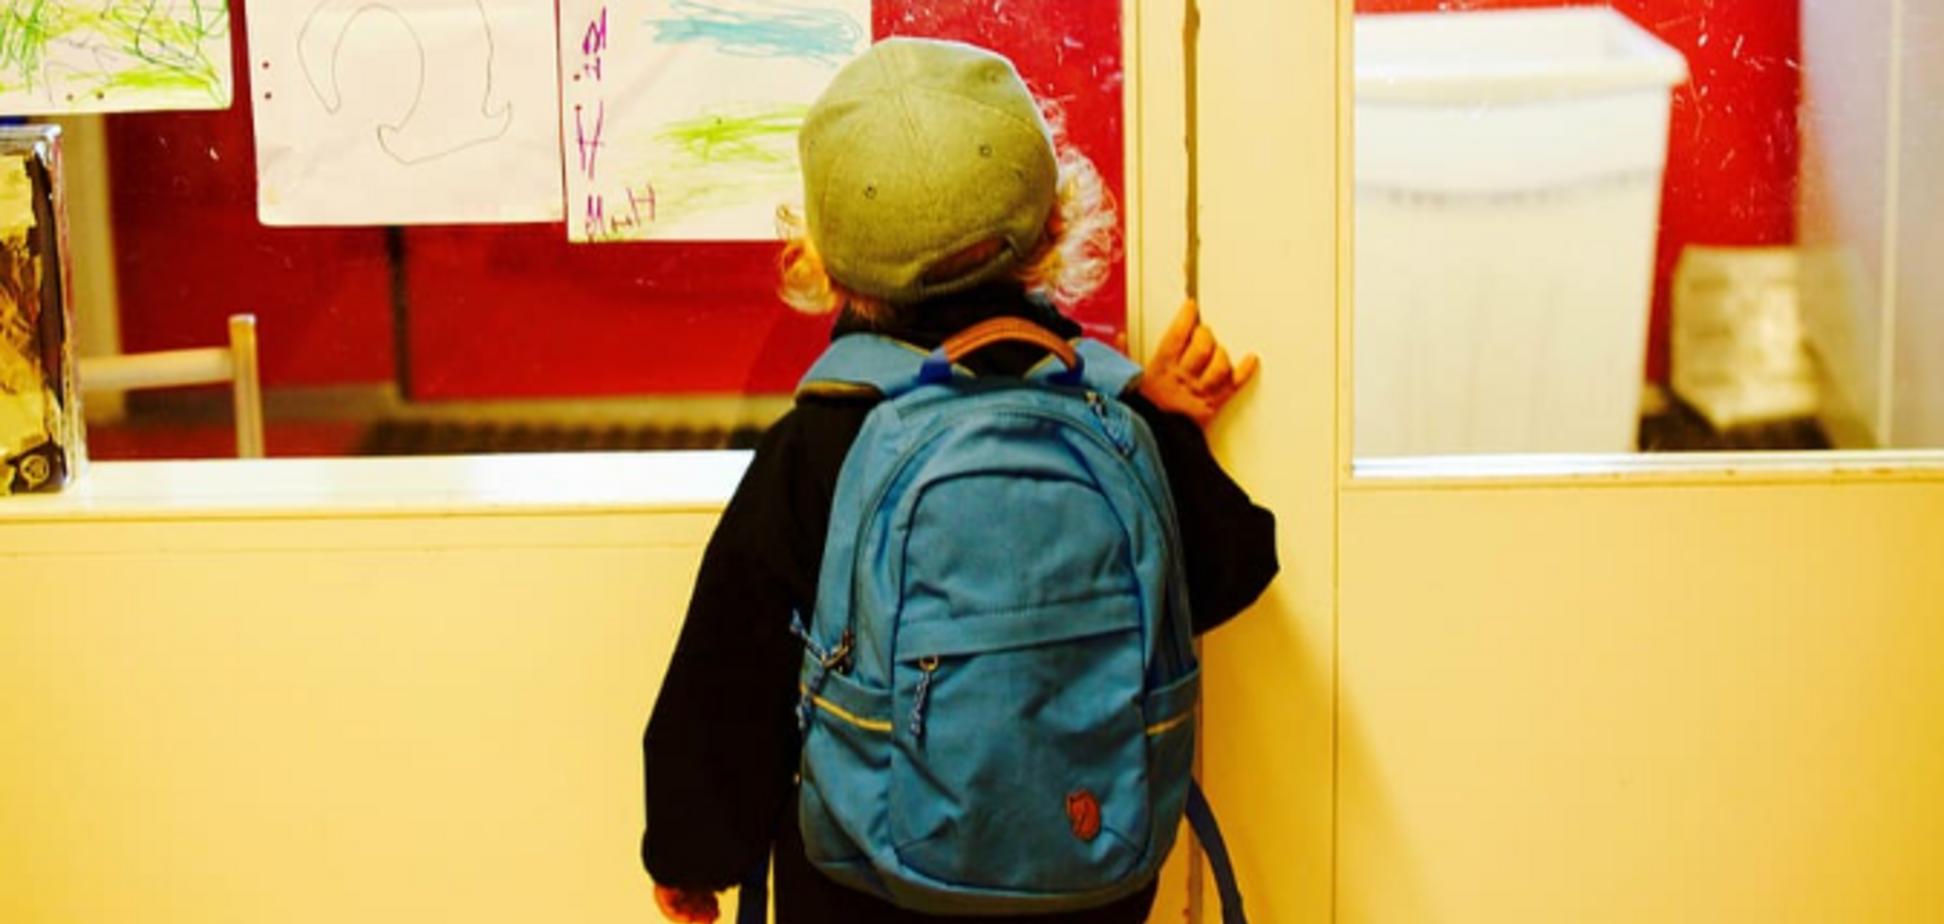 'Будьте простішими!' Забави з секс-іграшками в школі викликали скандал